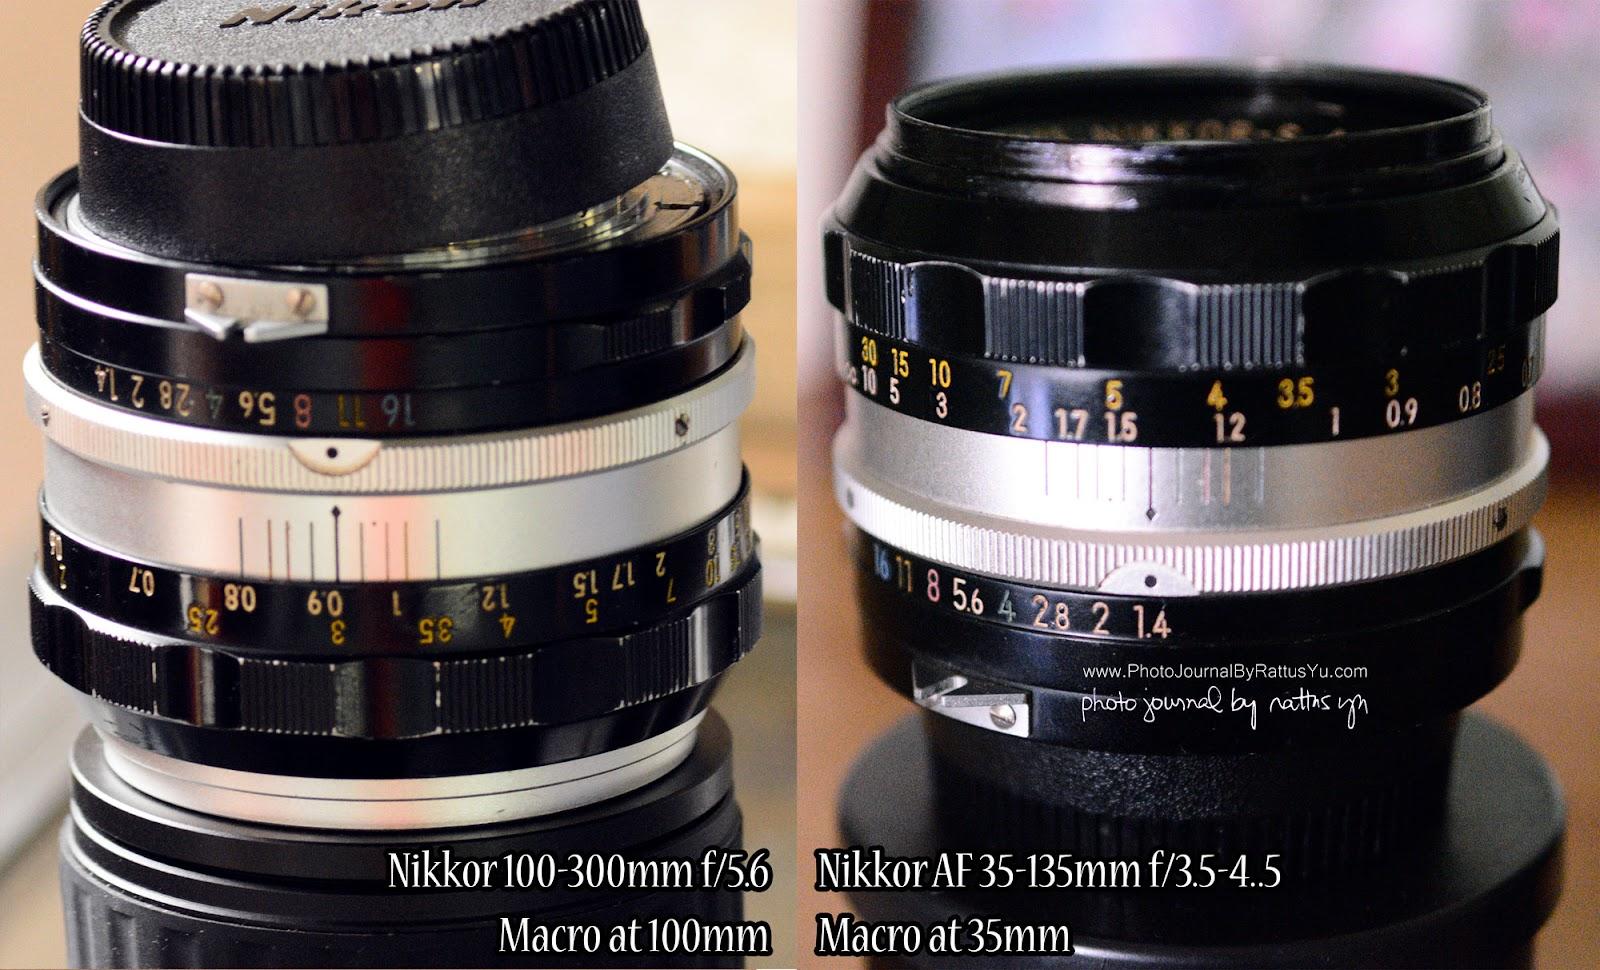 Nikkor 100-300mm f/5.6